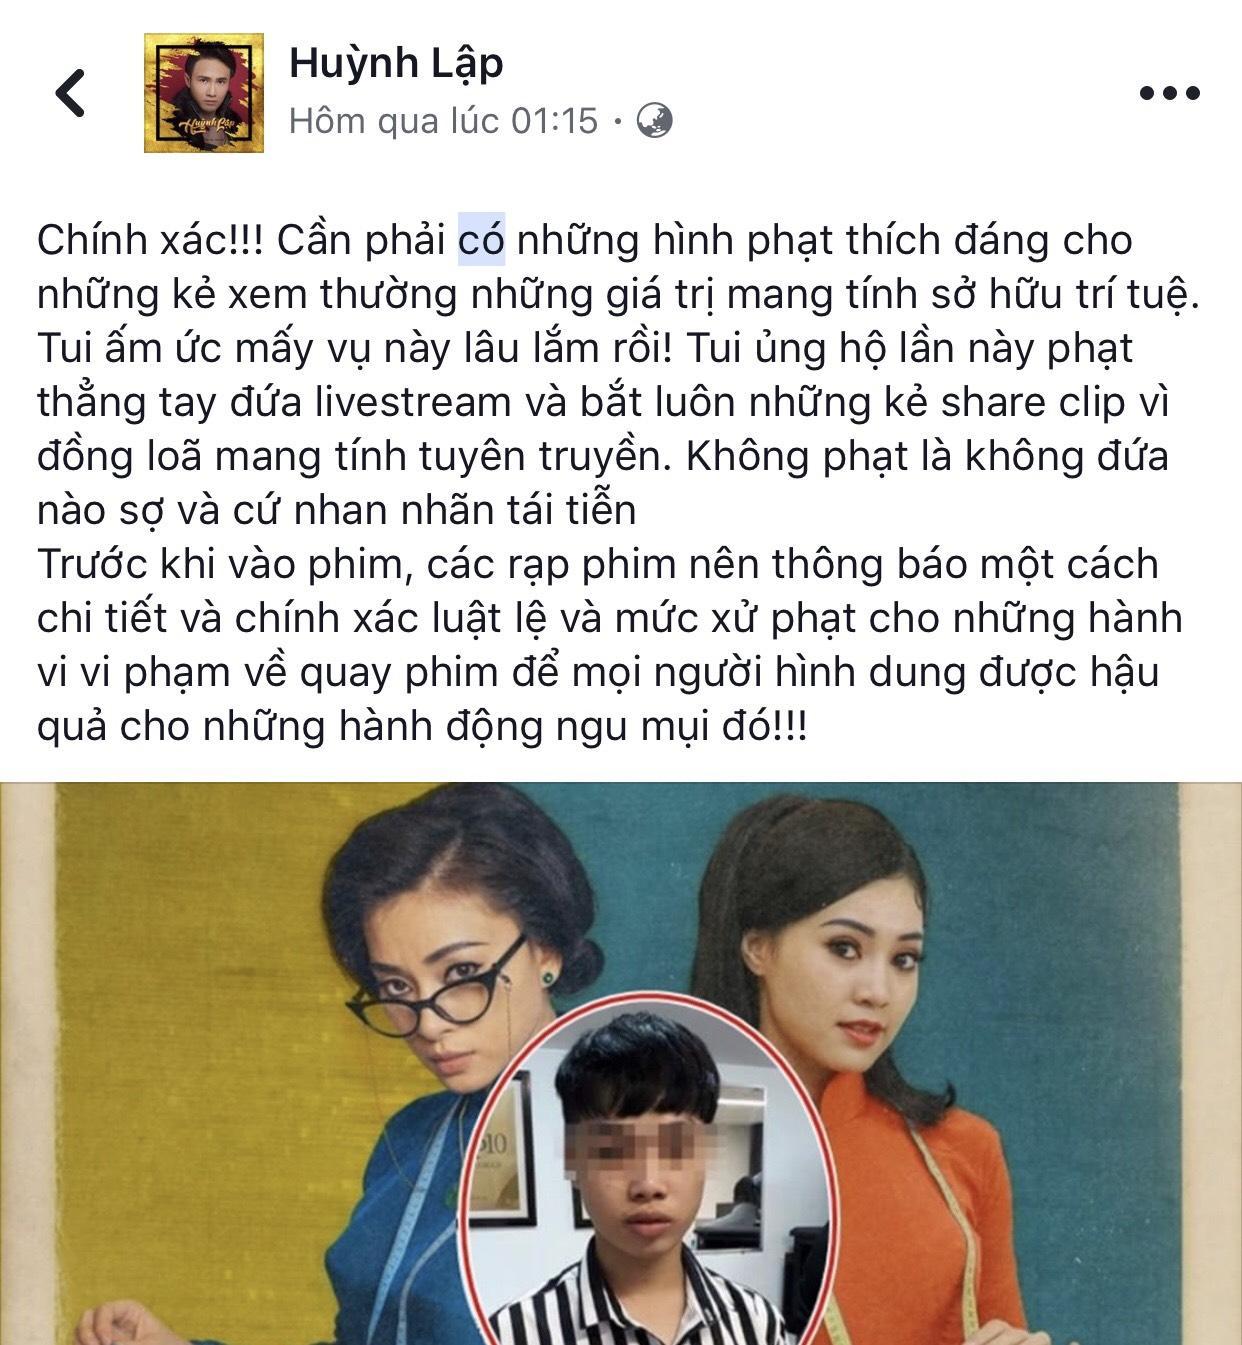 Trấn Thành và dàn sao Việt ủng hộ Ngô Thanh Vân xử tới bến kẻ livestream lén-6